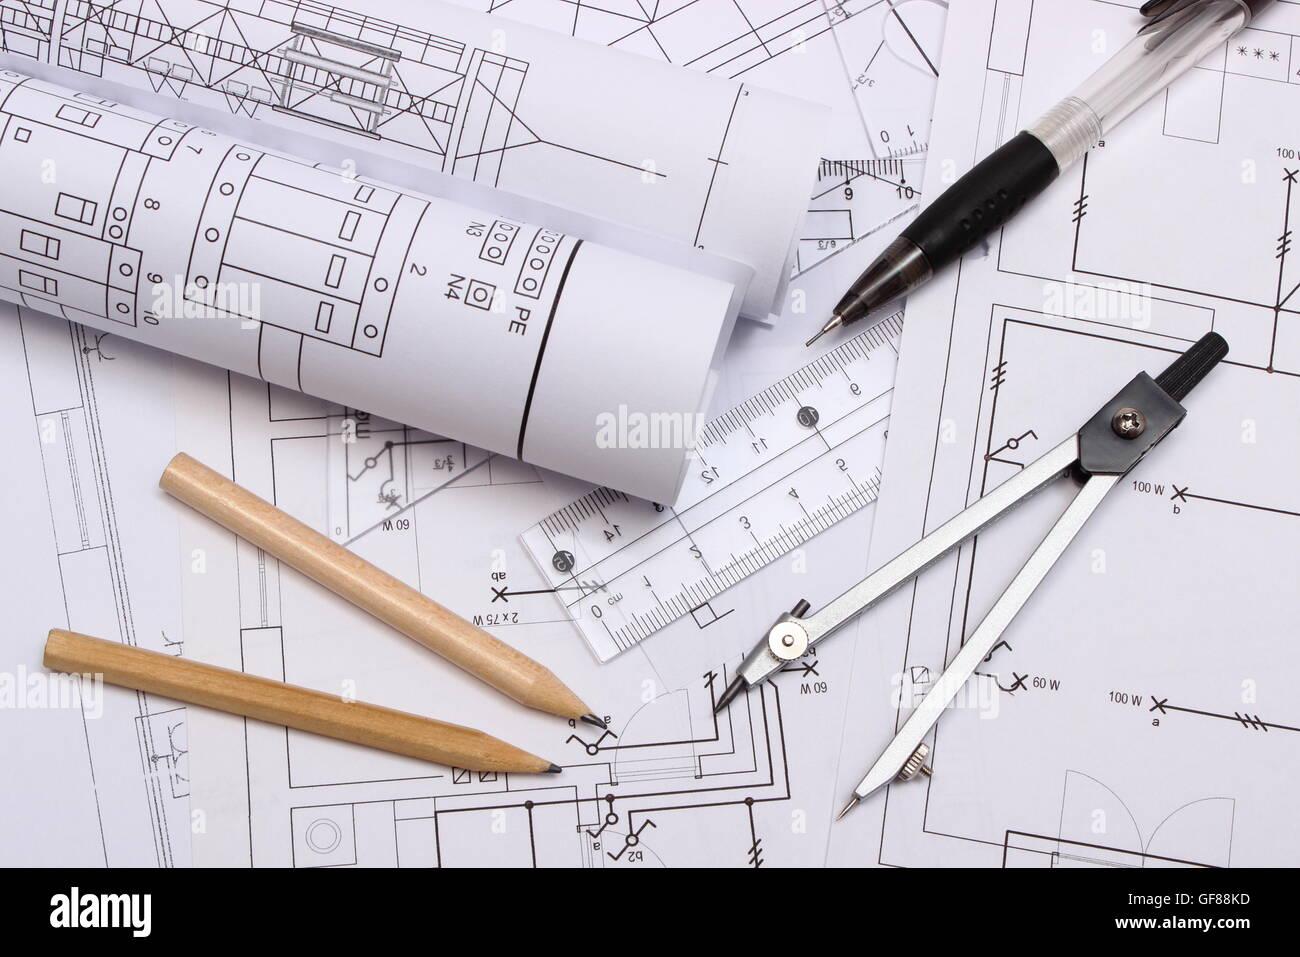 Ausgezeichnet Schaltplan Eines Hauses Bilder   Die Besten .